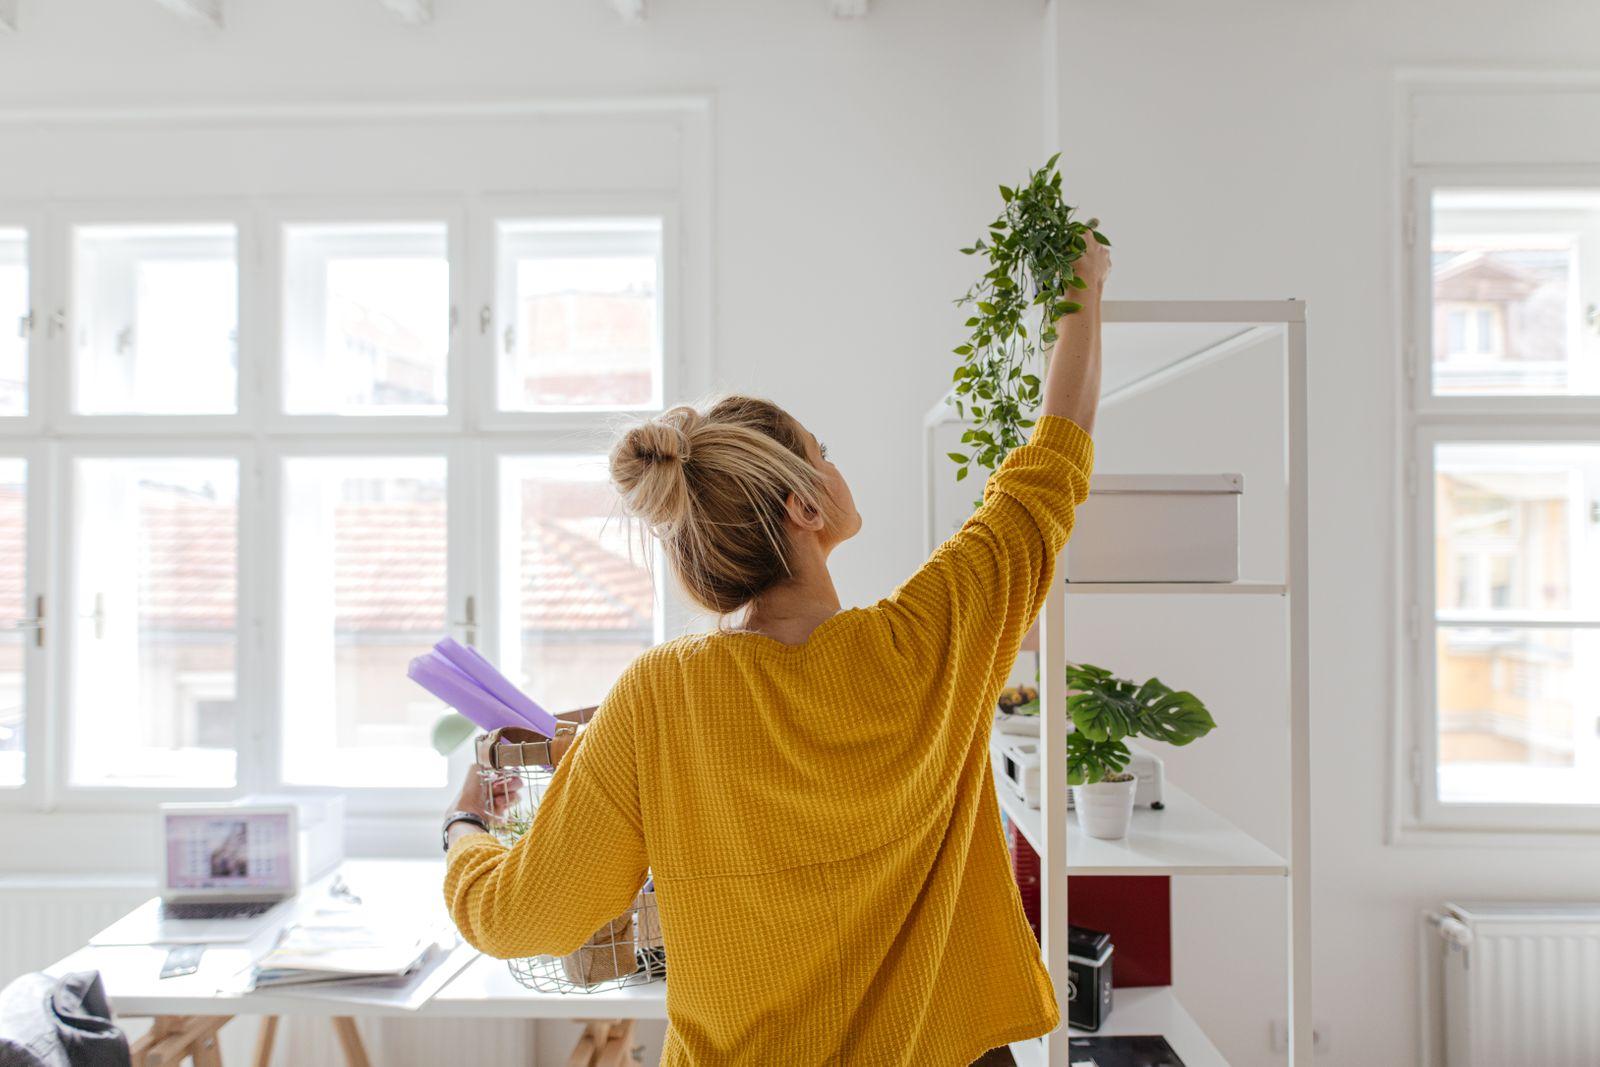 Femme qui decor son espace de travail